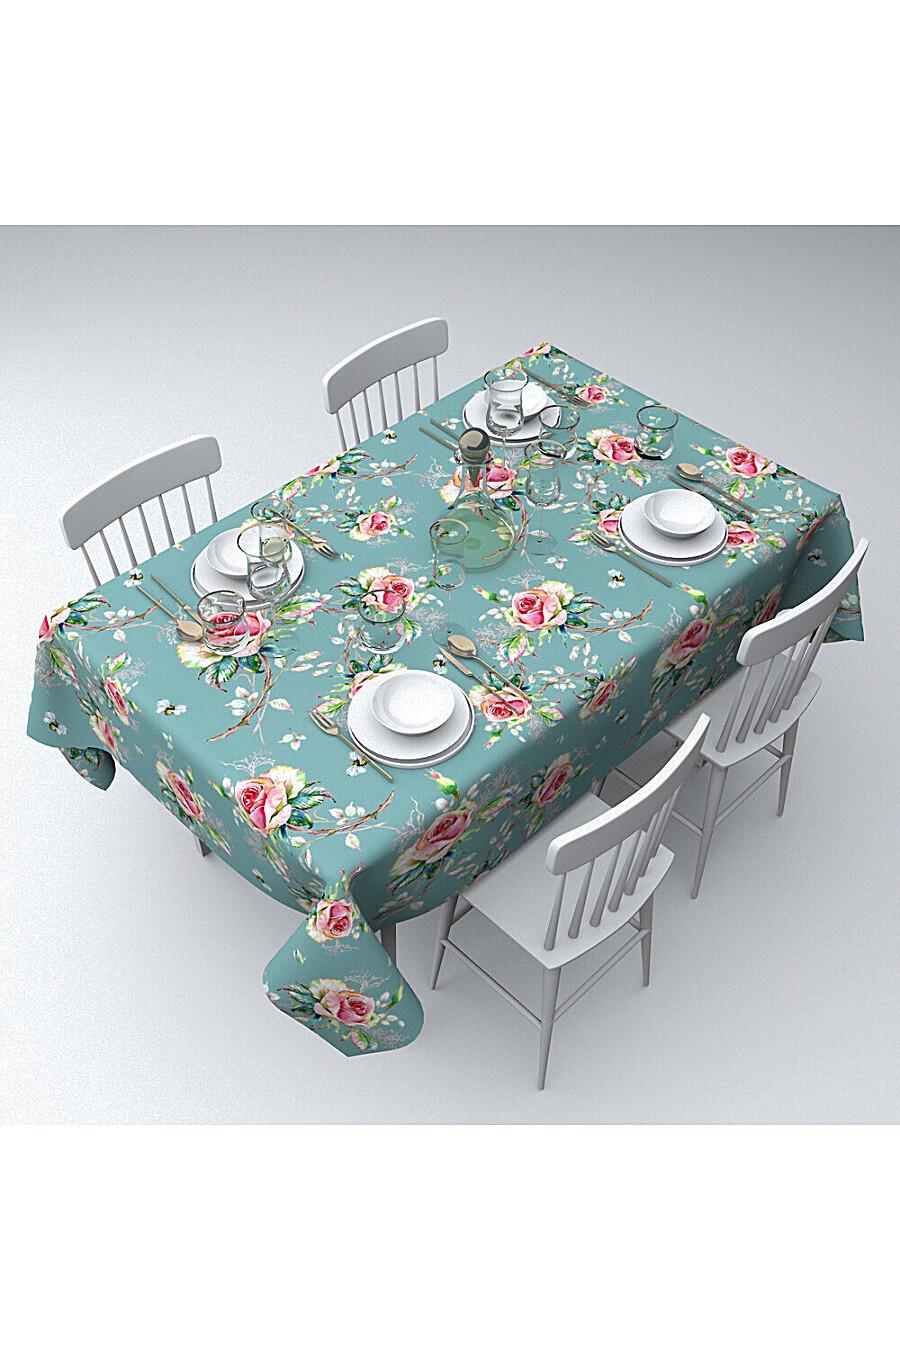 Скатерть для дома ART HOME TEXTILE 180547 купить оптом от производителя. Совместная покупка товаров для дома в OptMoyo